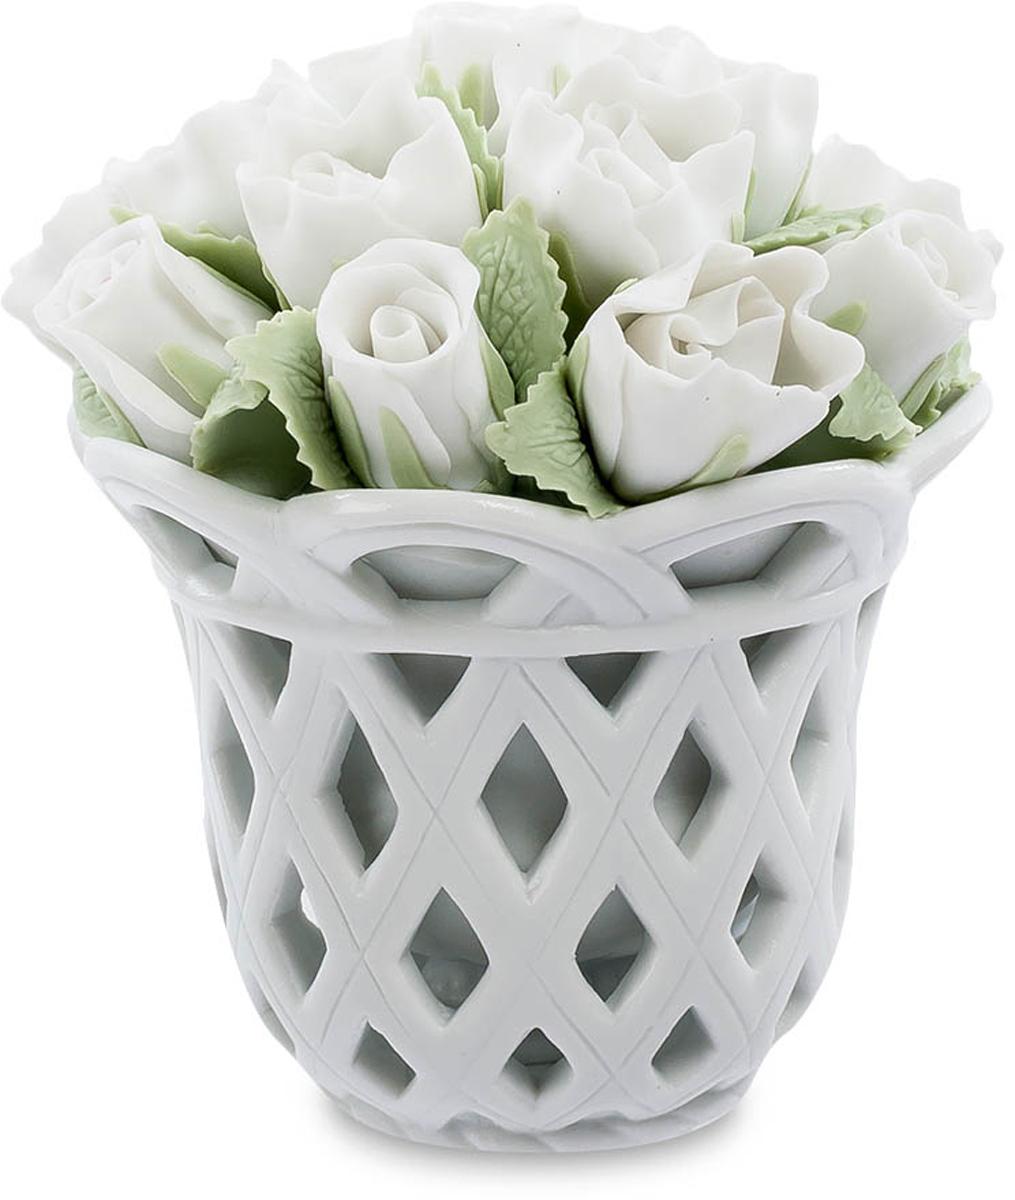 Композиция Pavone Цветочная корзина. CMS-33/26UP210DFКомпозиция Цветочная корзина (Pavone) Элегантная корзина, заполненная белыми розами с бледно-зелеными листьями. Каждый лепесток настолько естественно выглядит, что не верится, что это – фарфор. Белый цвет – символ чистоты и молодости, белые цветы дарят невесте и просто молодой девушке. Прекрасное творение мастеров изысканного фарфора поражает своей естественностью и сходством с живой природой. От естественного букета эта корзина отличается еще и тем, что никогда не завянет. Подарите эту изысканную цветочную композицию, и она будет долгие годы напоминать о вас, и пожелание чистой и светлой любви будет всегда актуальным и искренним.